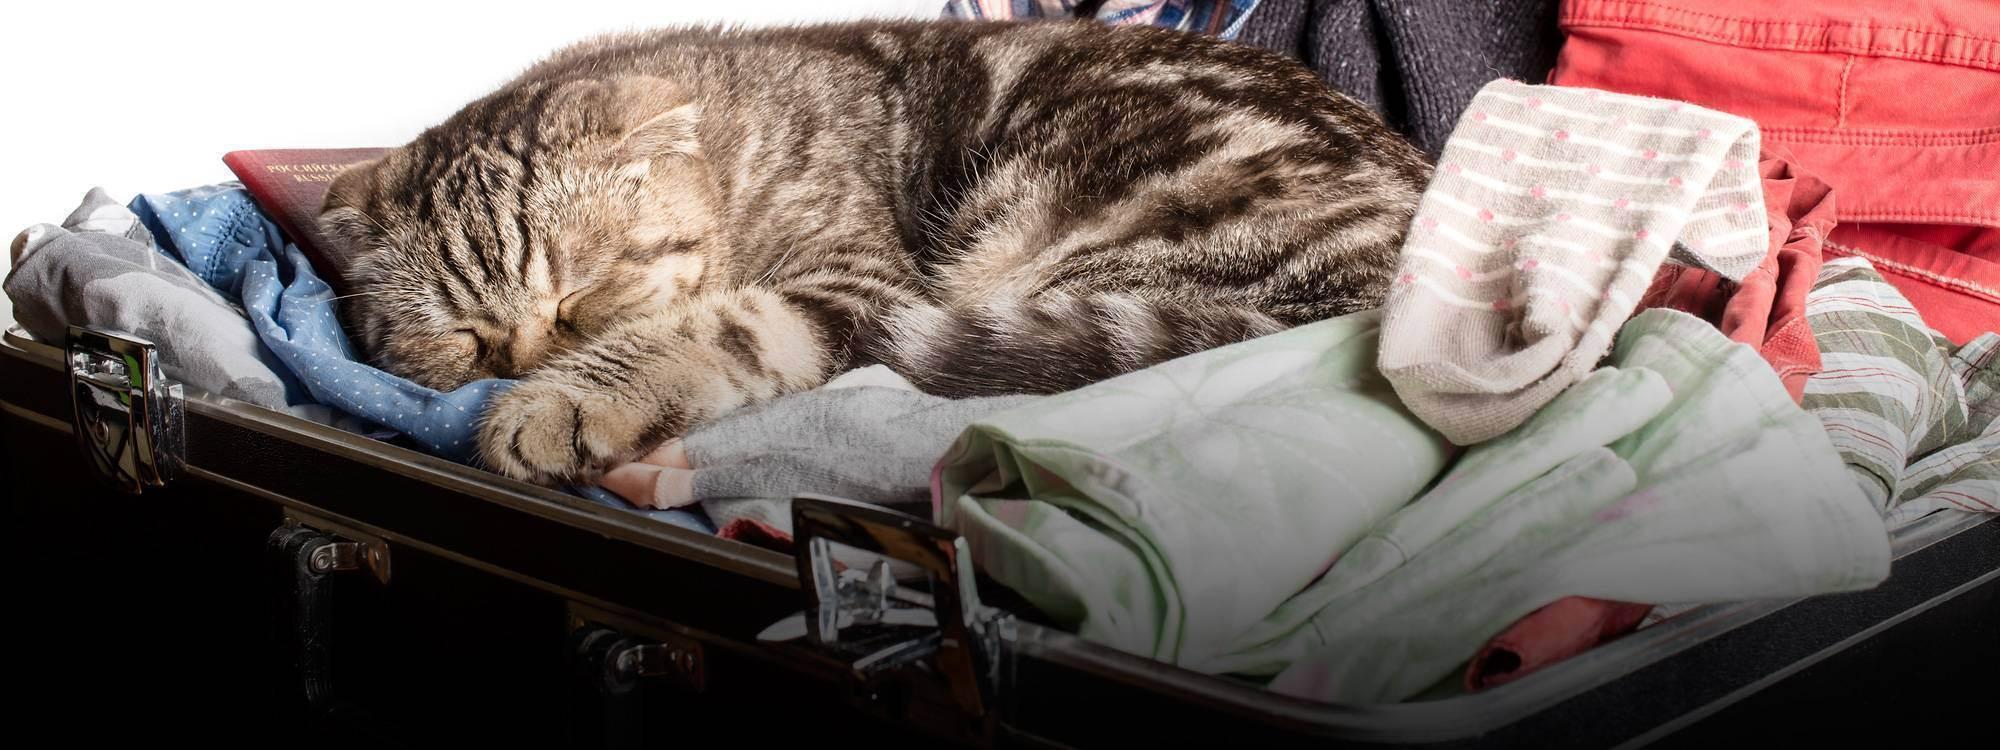 Долететь живым: как надежно и правильно перевозить котов в самолете